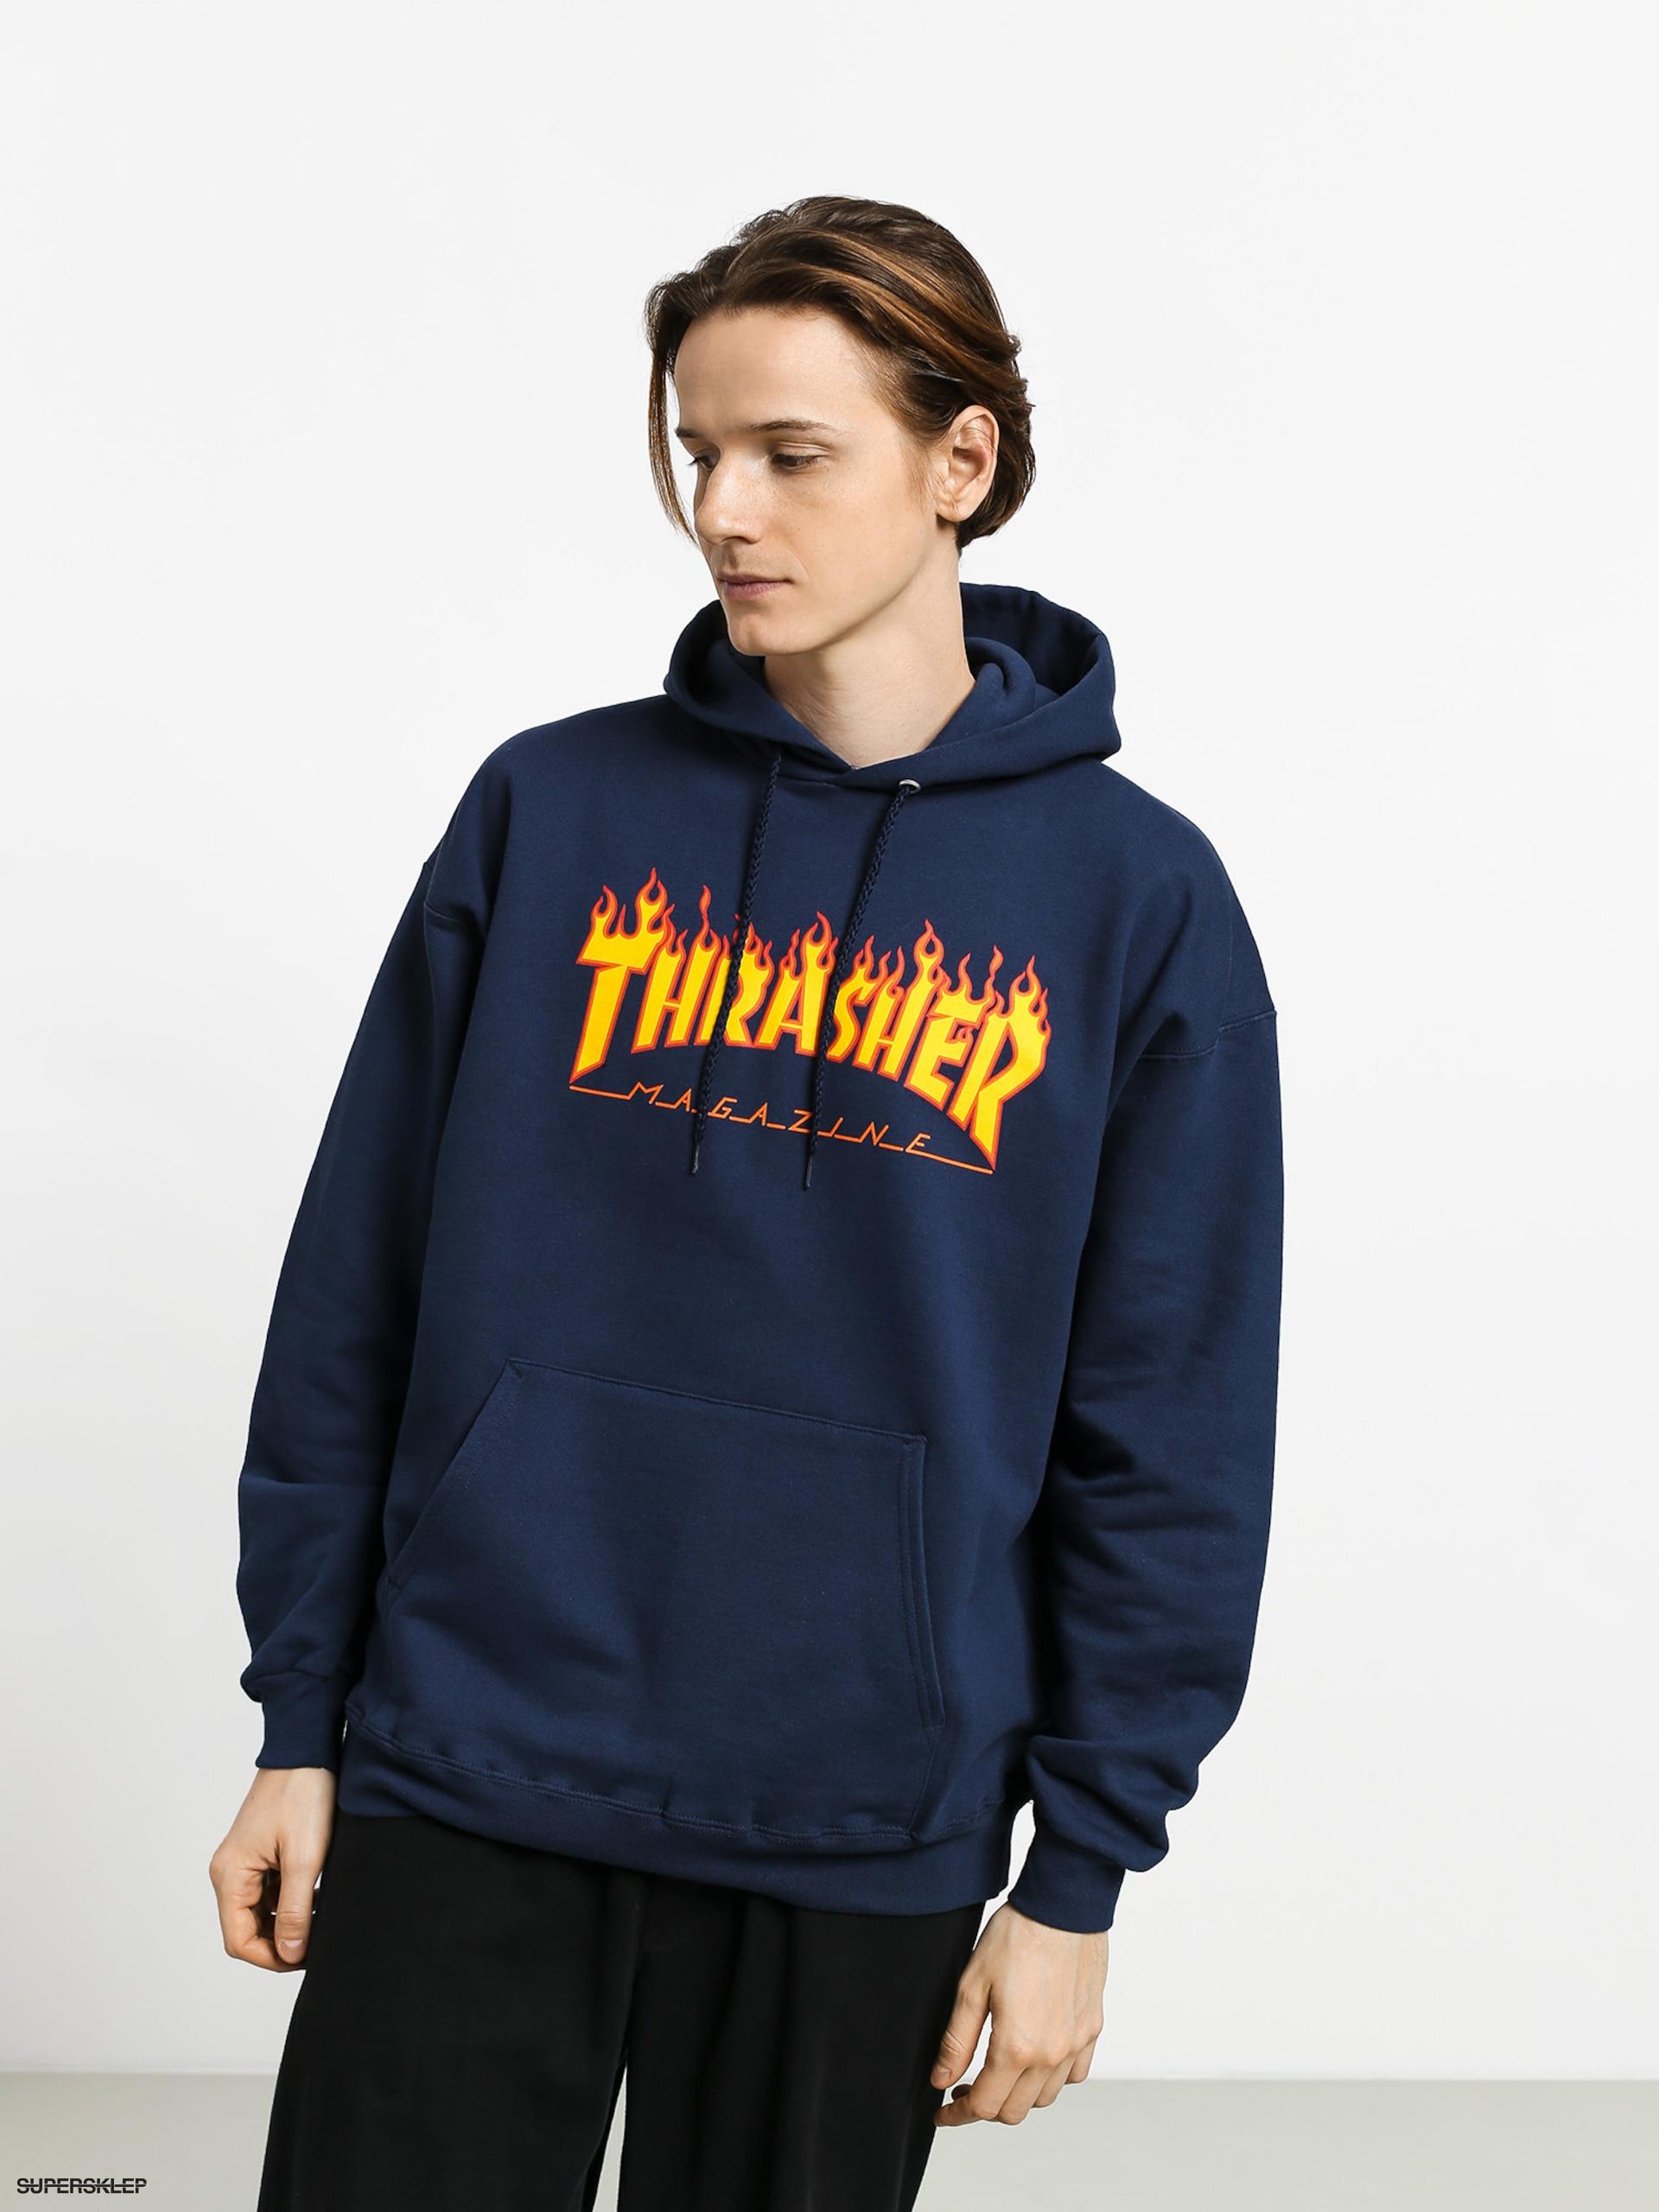 co oznacza bluza thrasher